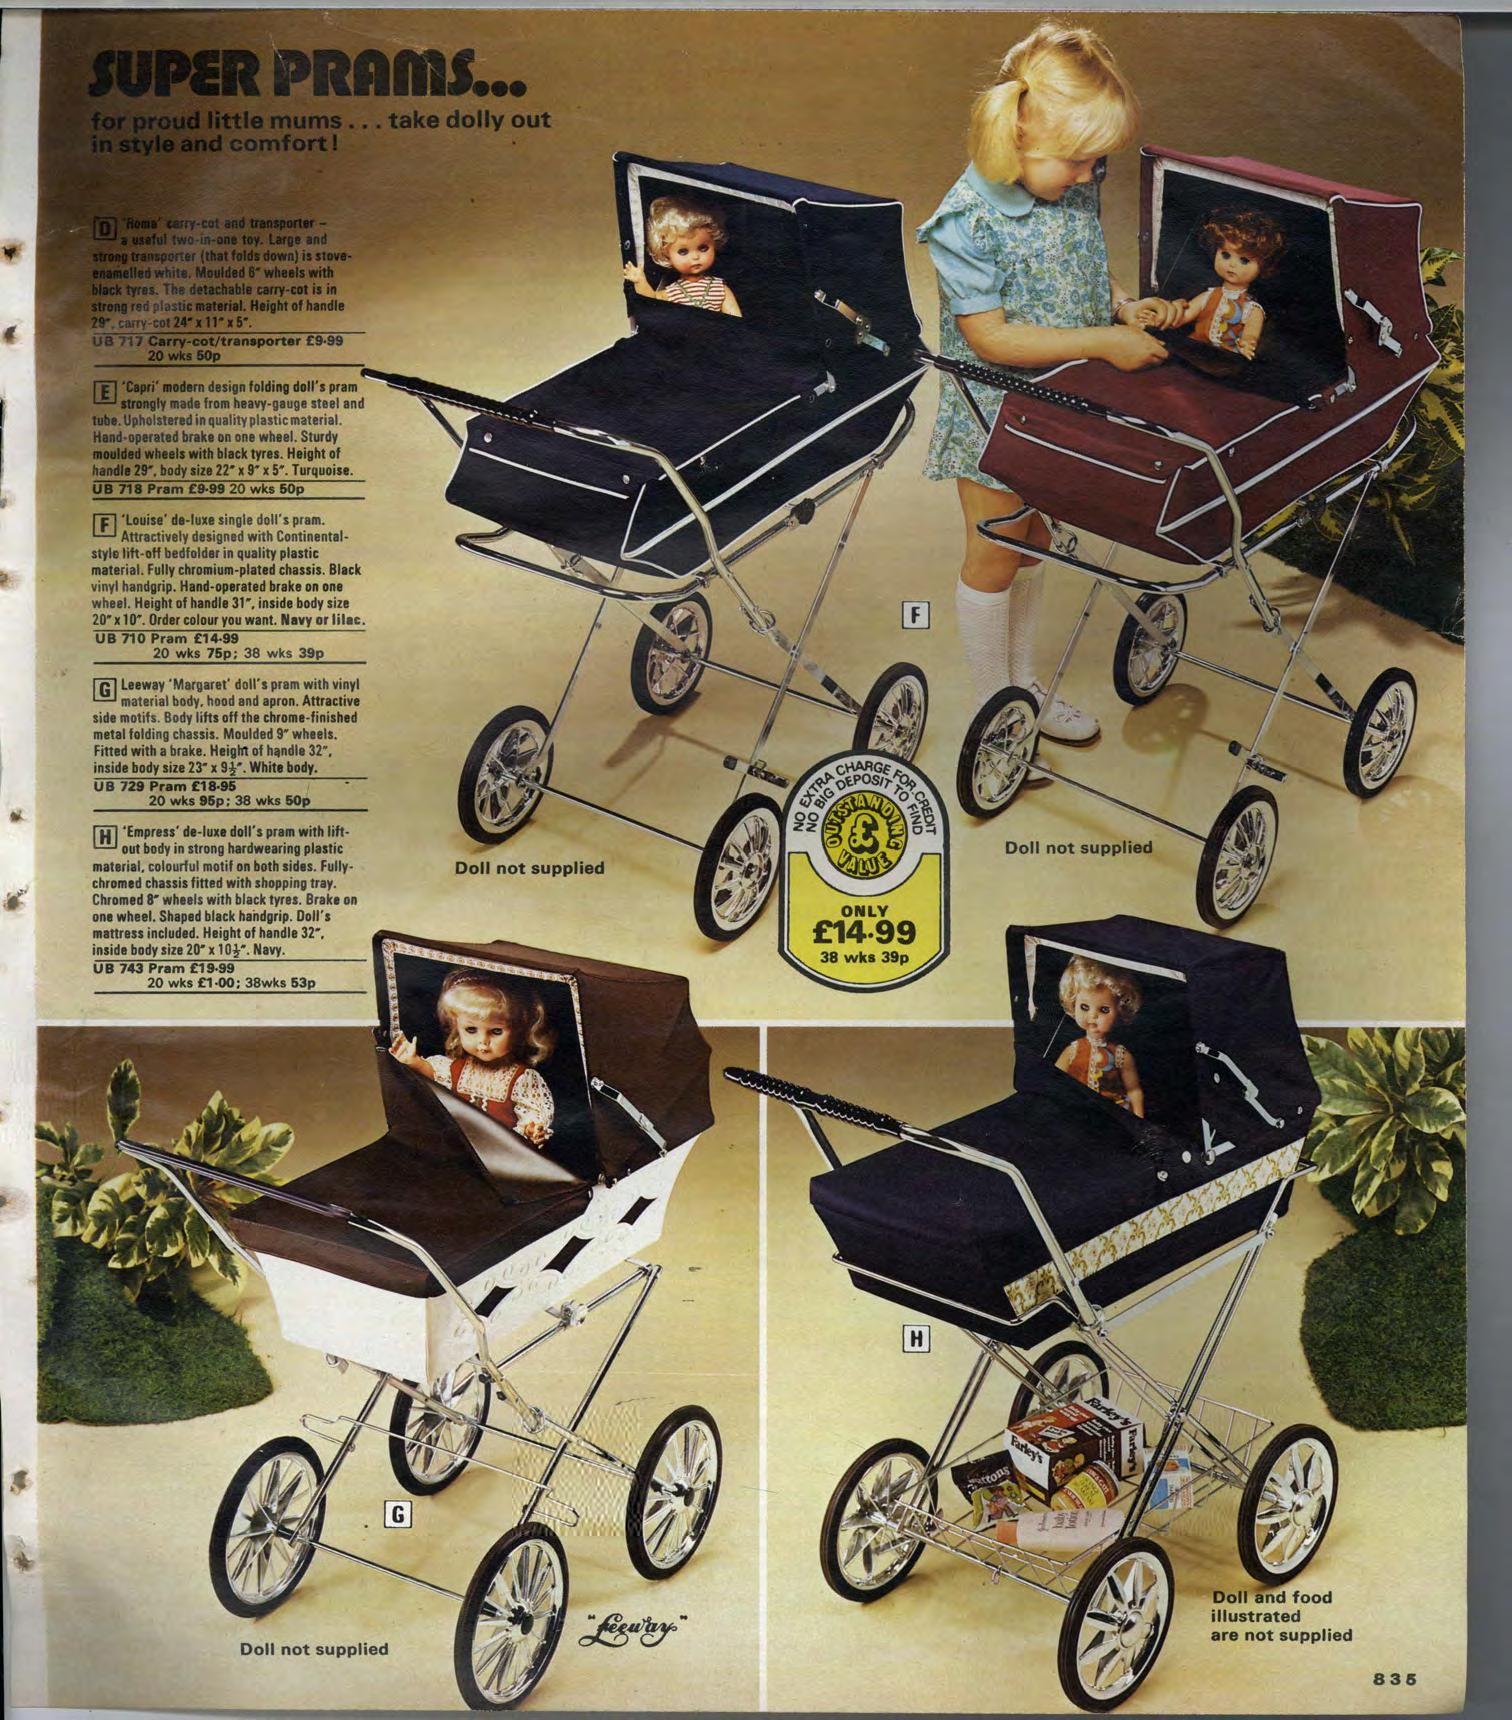 1970s toy dolls prams